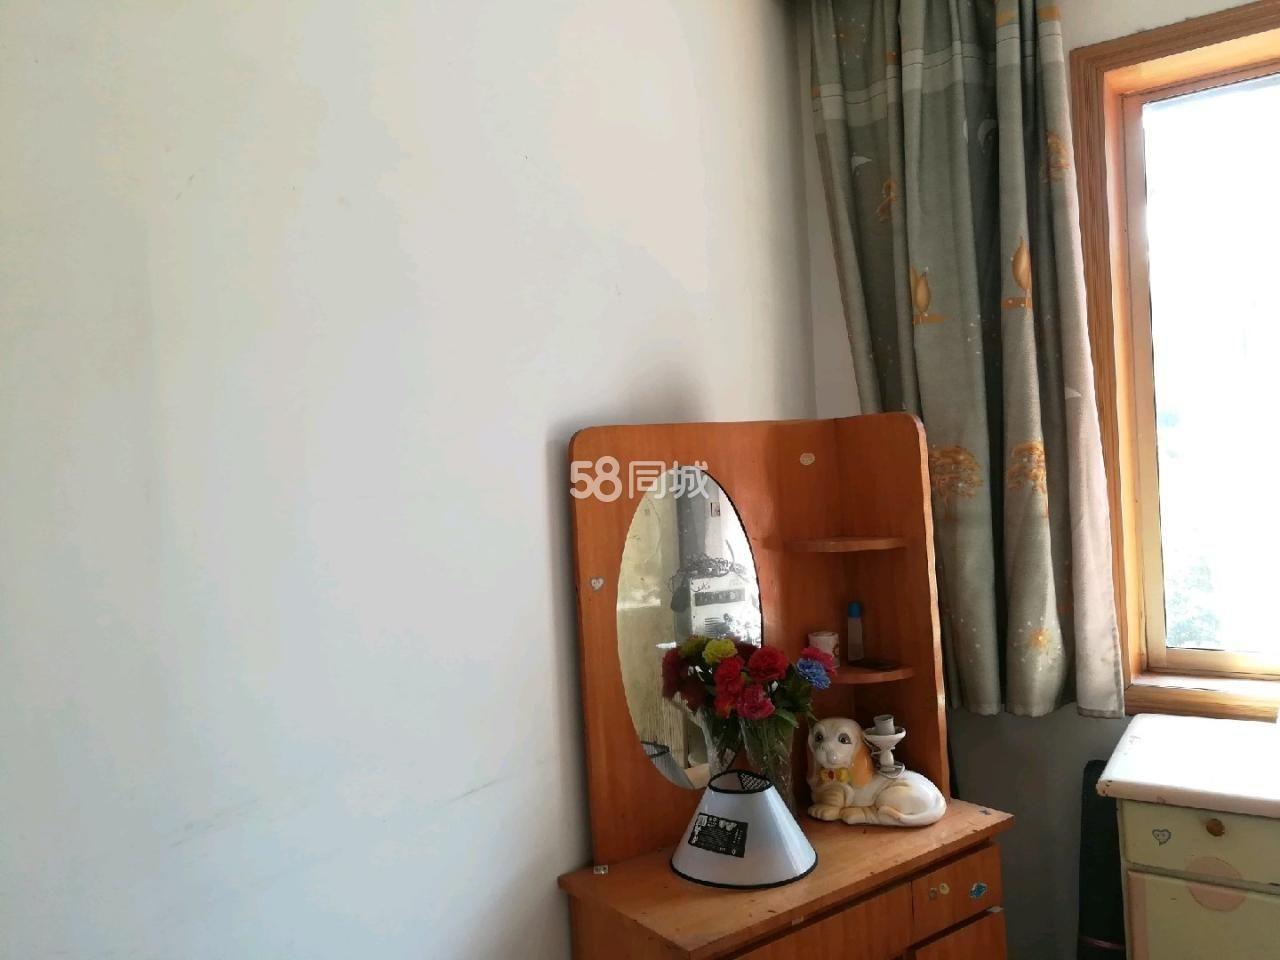 出租春华汇贤苑3室2厅1卫133.67平米面议住宅